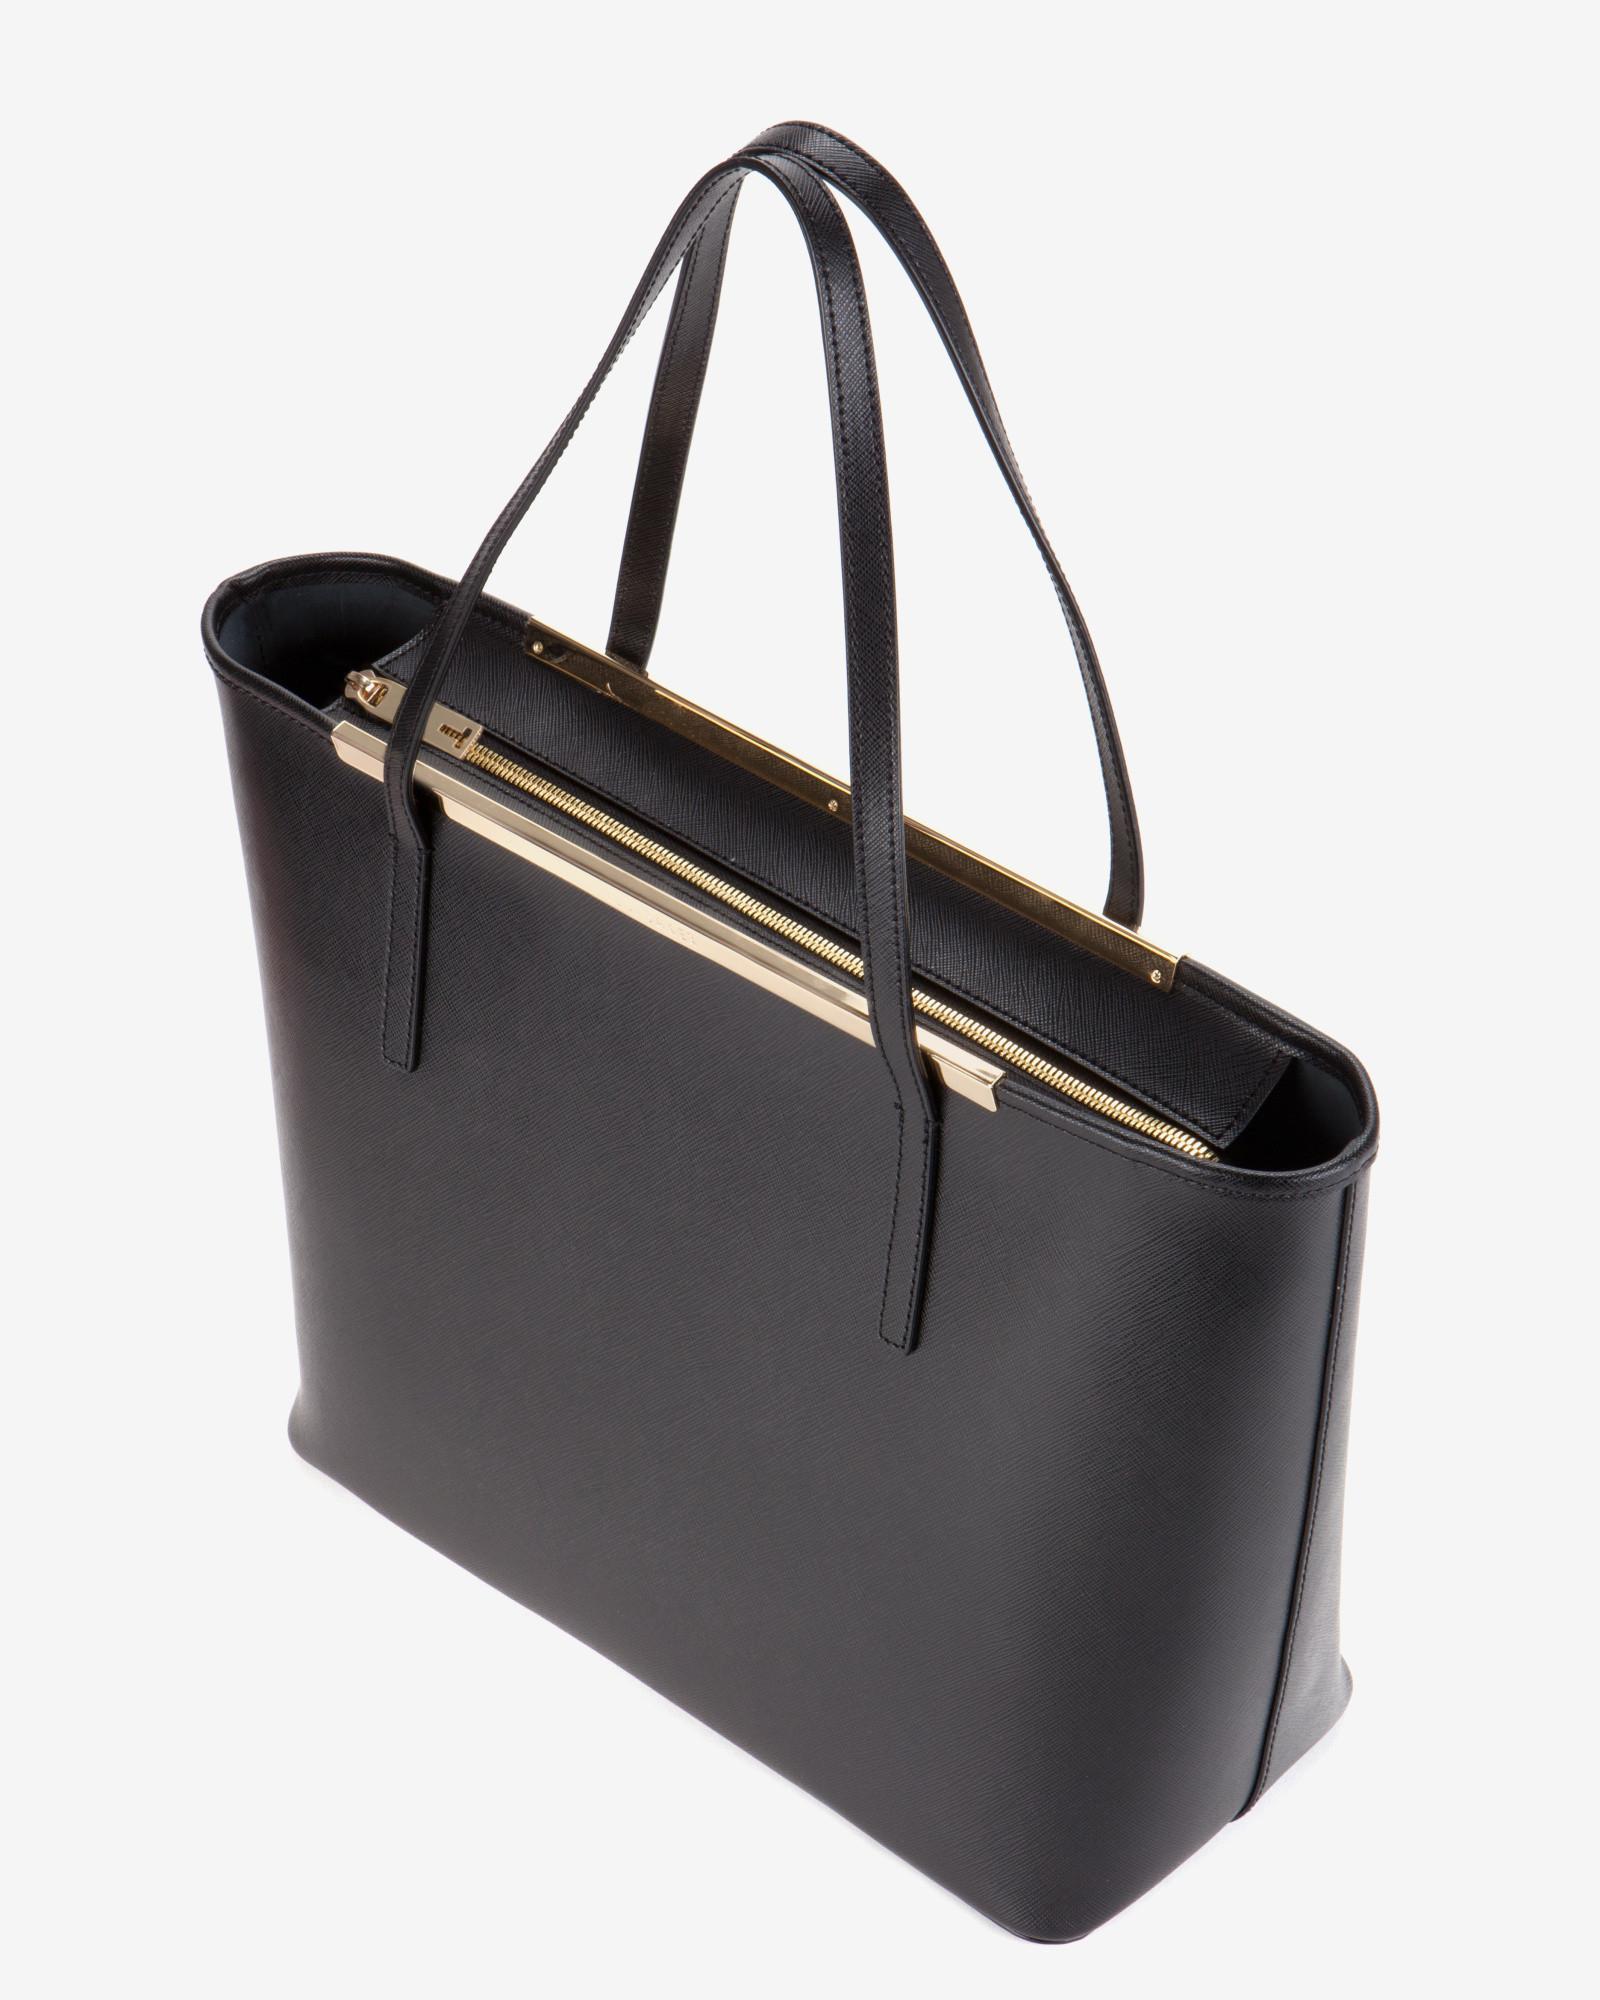 4bd41b12bb5 Ted Baker Black Large Crosshatch Leather Shopper Bag